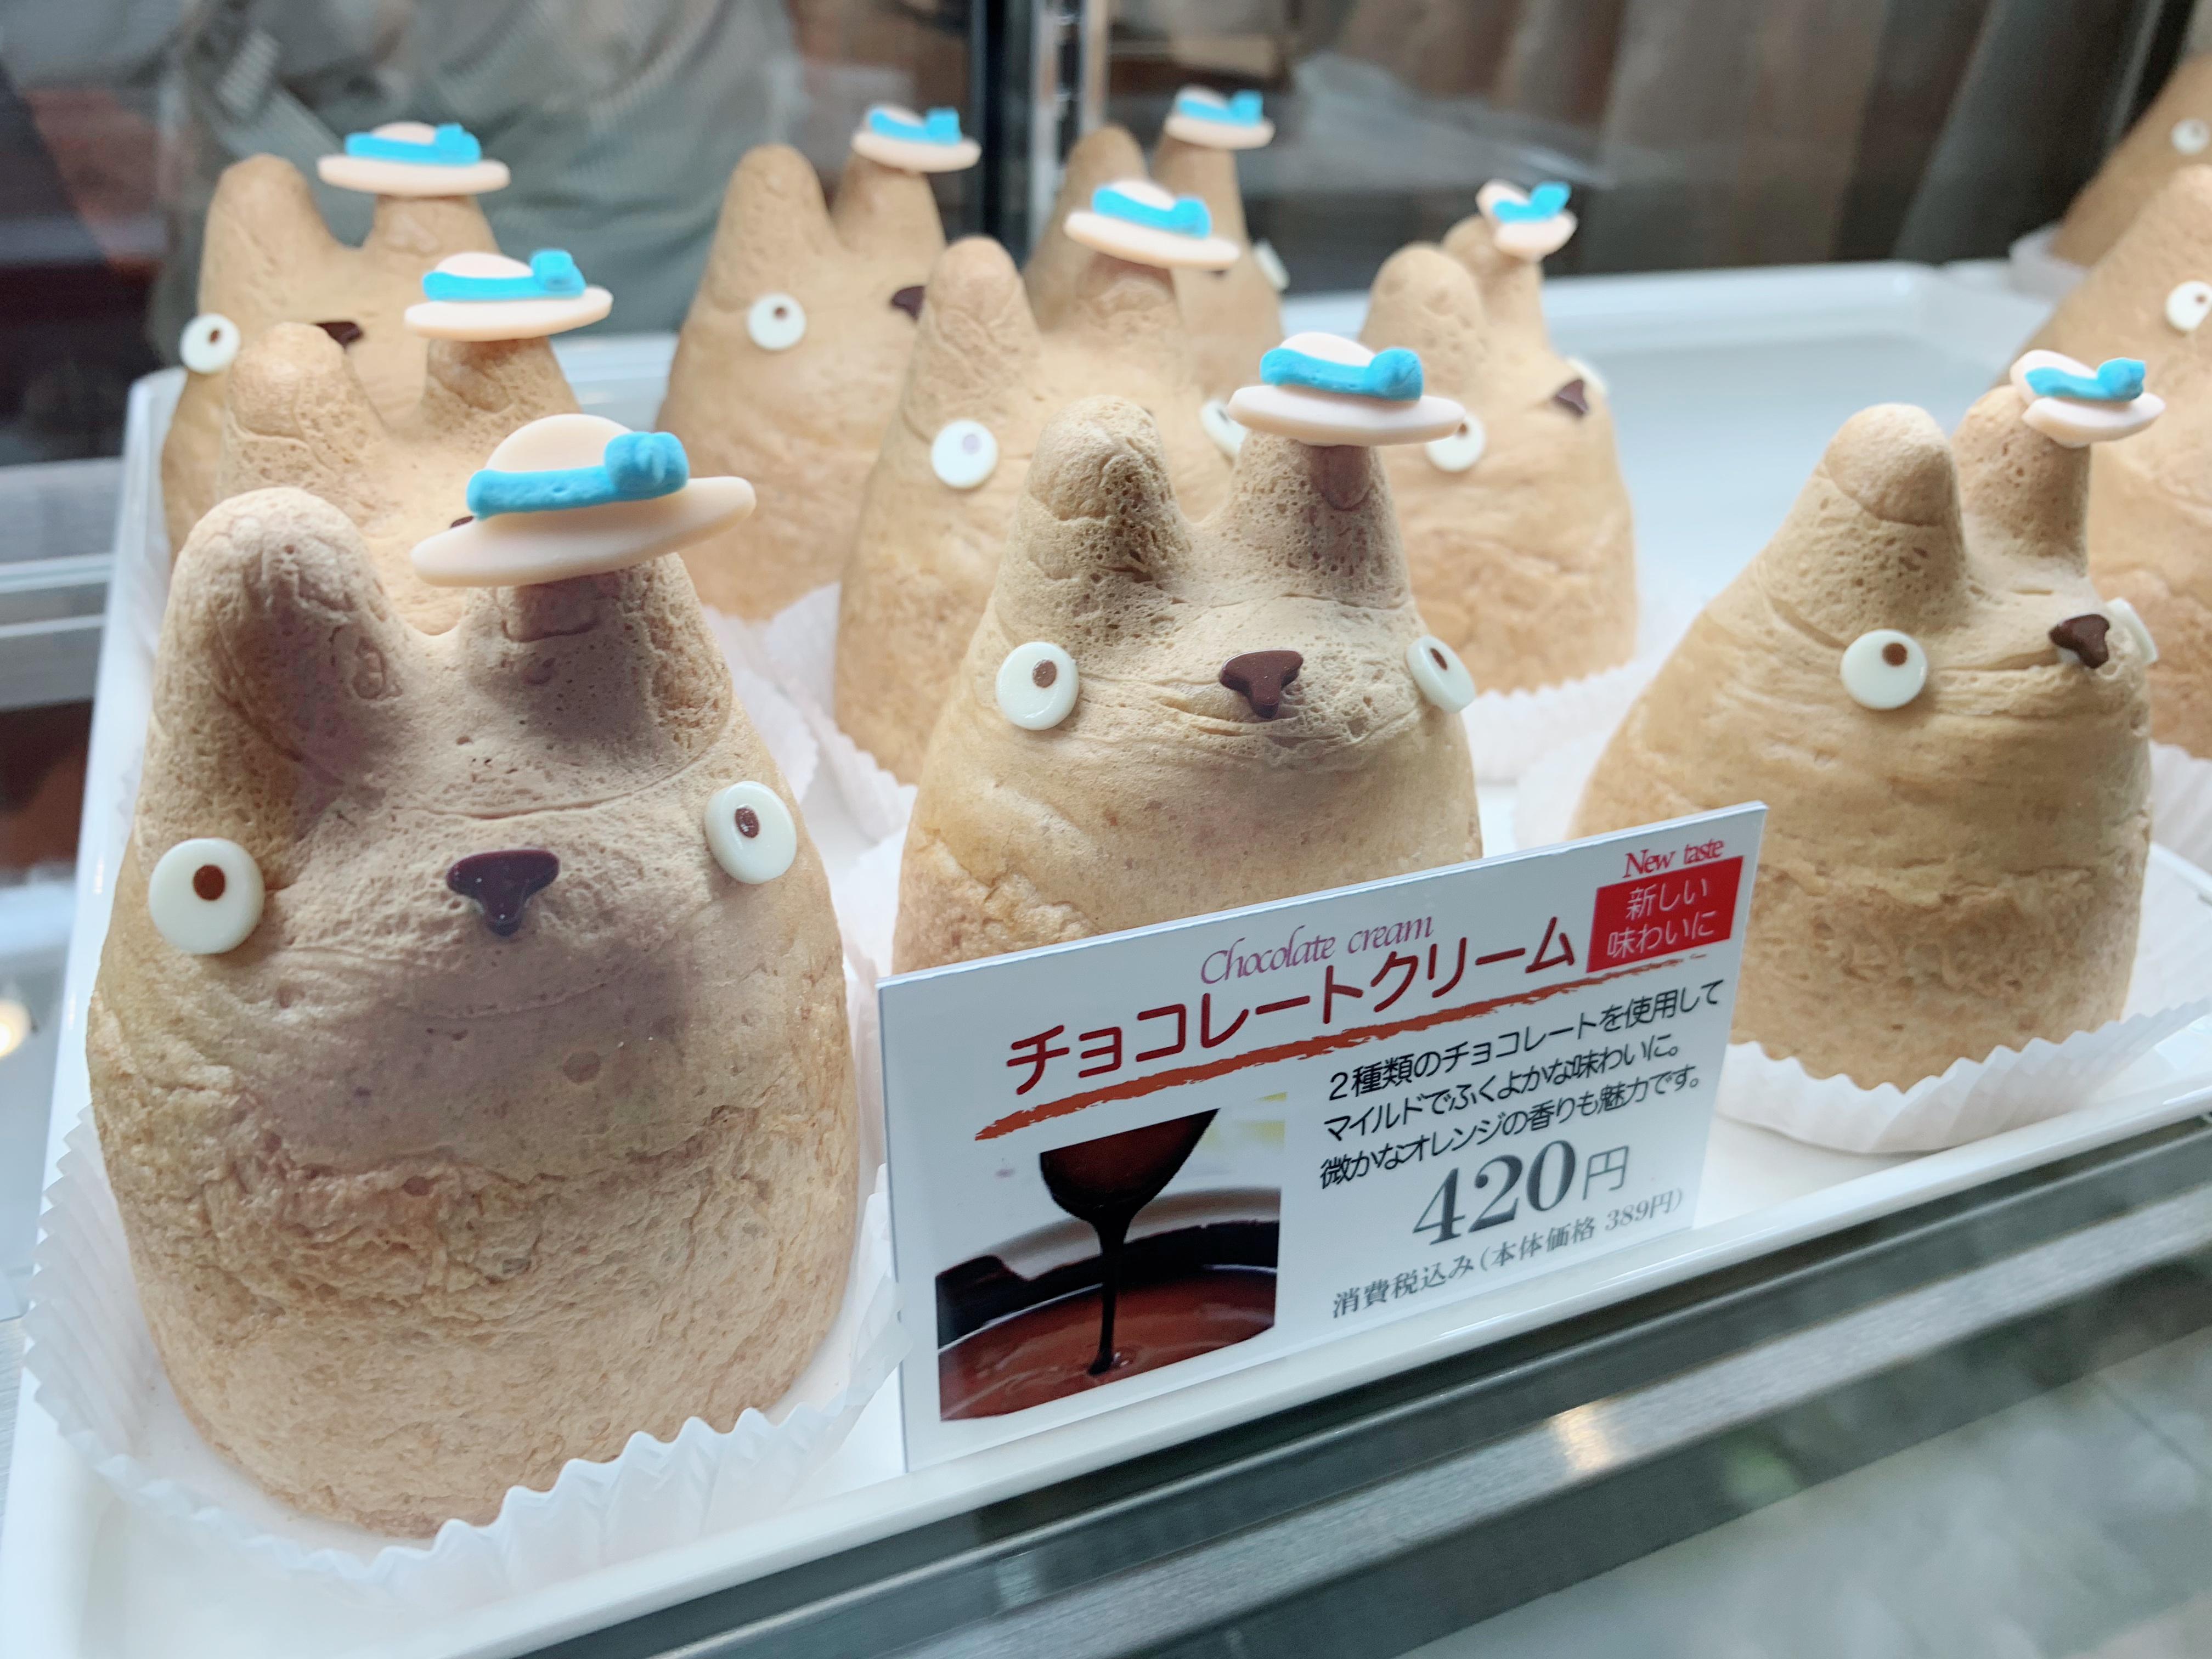 白髭のシュークリーム工房吉祥寺店のチョコレートクリームの画像